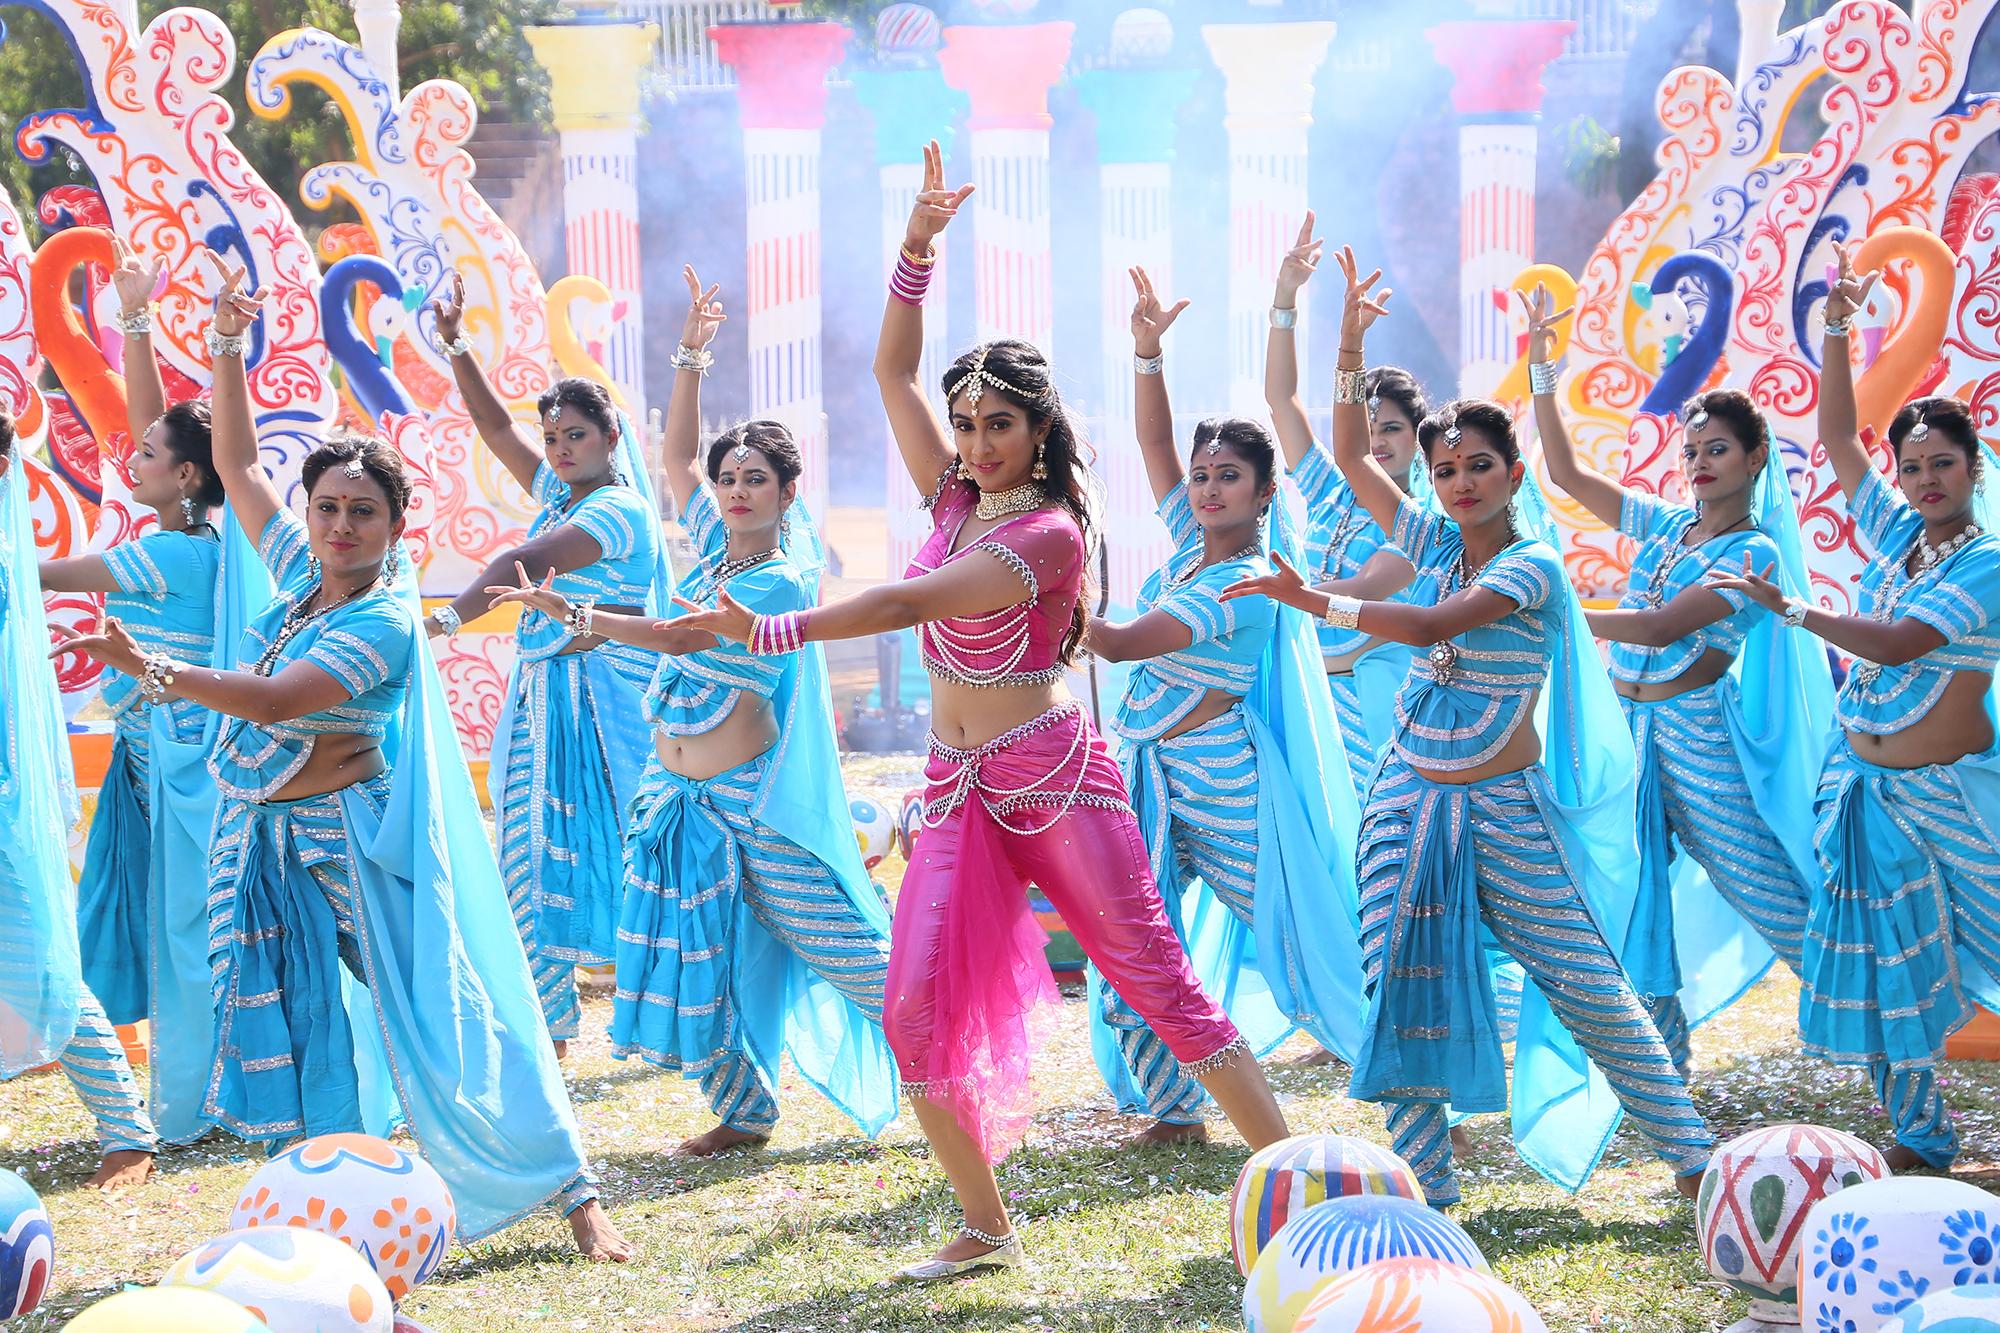 जीतेंद्र-श्रीदेवीच्या 'हिम्मतवाला' सिनेमाला 'लकी'च्या निर्मात्यांचे 'कोपचा' गाण्याव्दारे ट्रिब्युट !